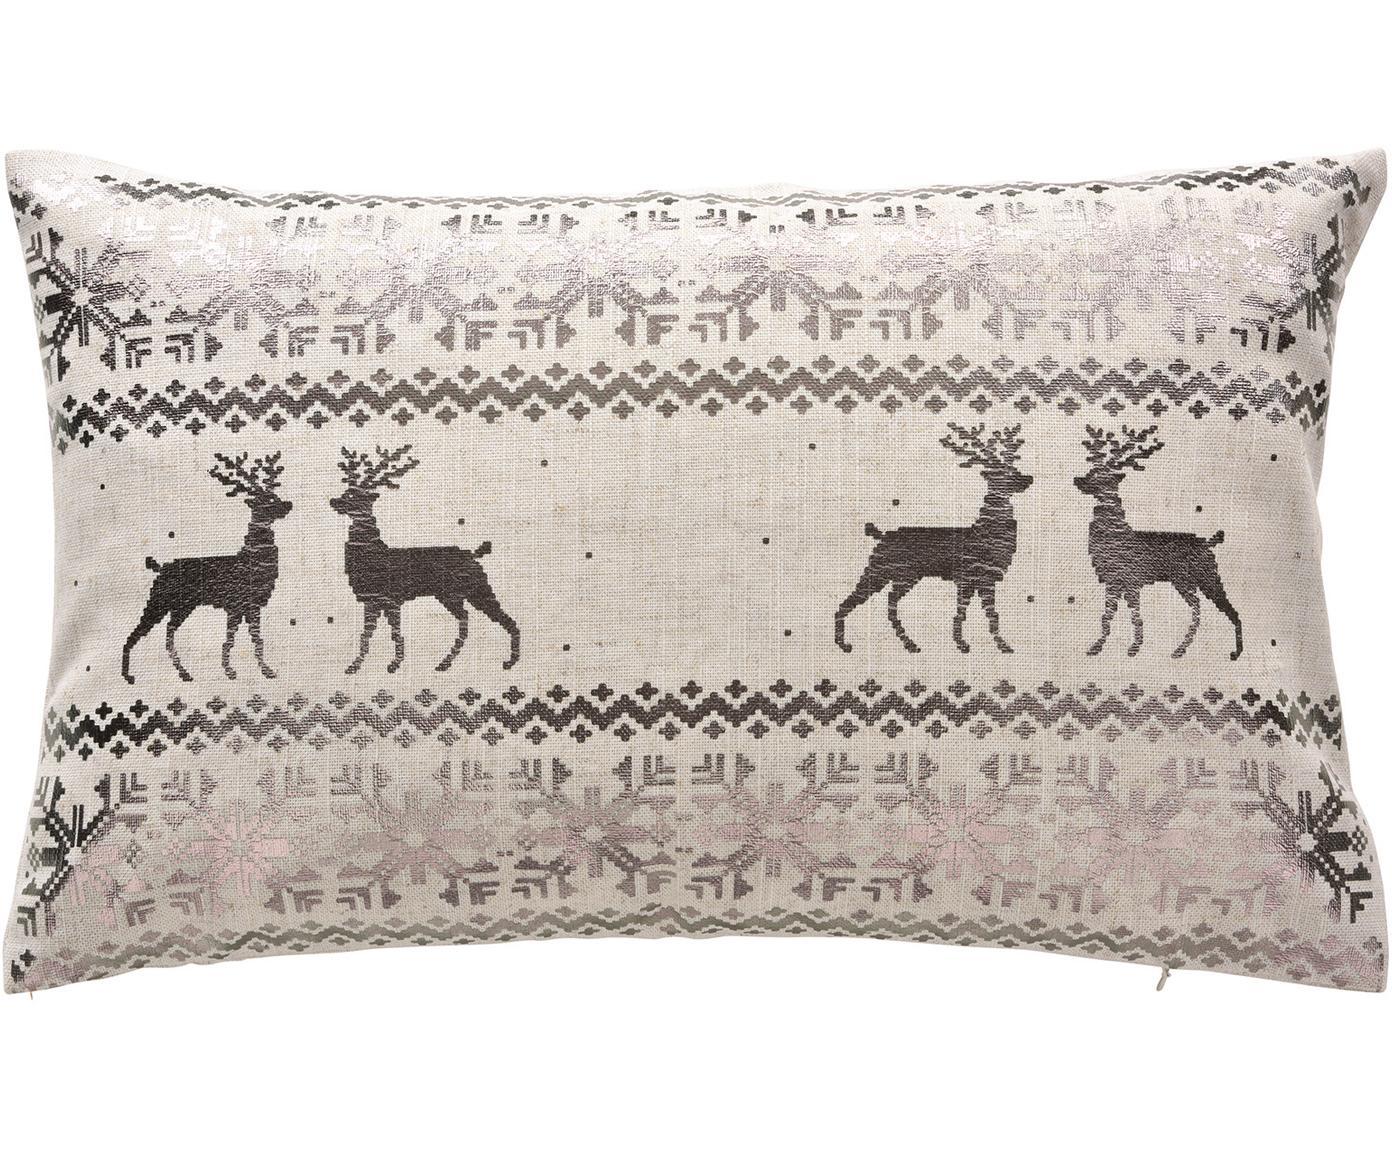 Kussenhoes Lodge met winterpatroon, 95% polyester, 5% linnen, Roestkleurig, beige, 30 x 50 cm